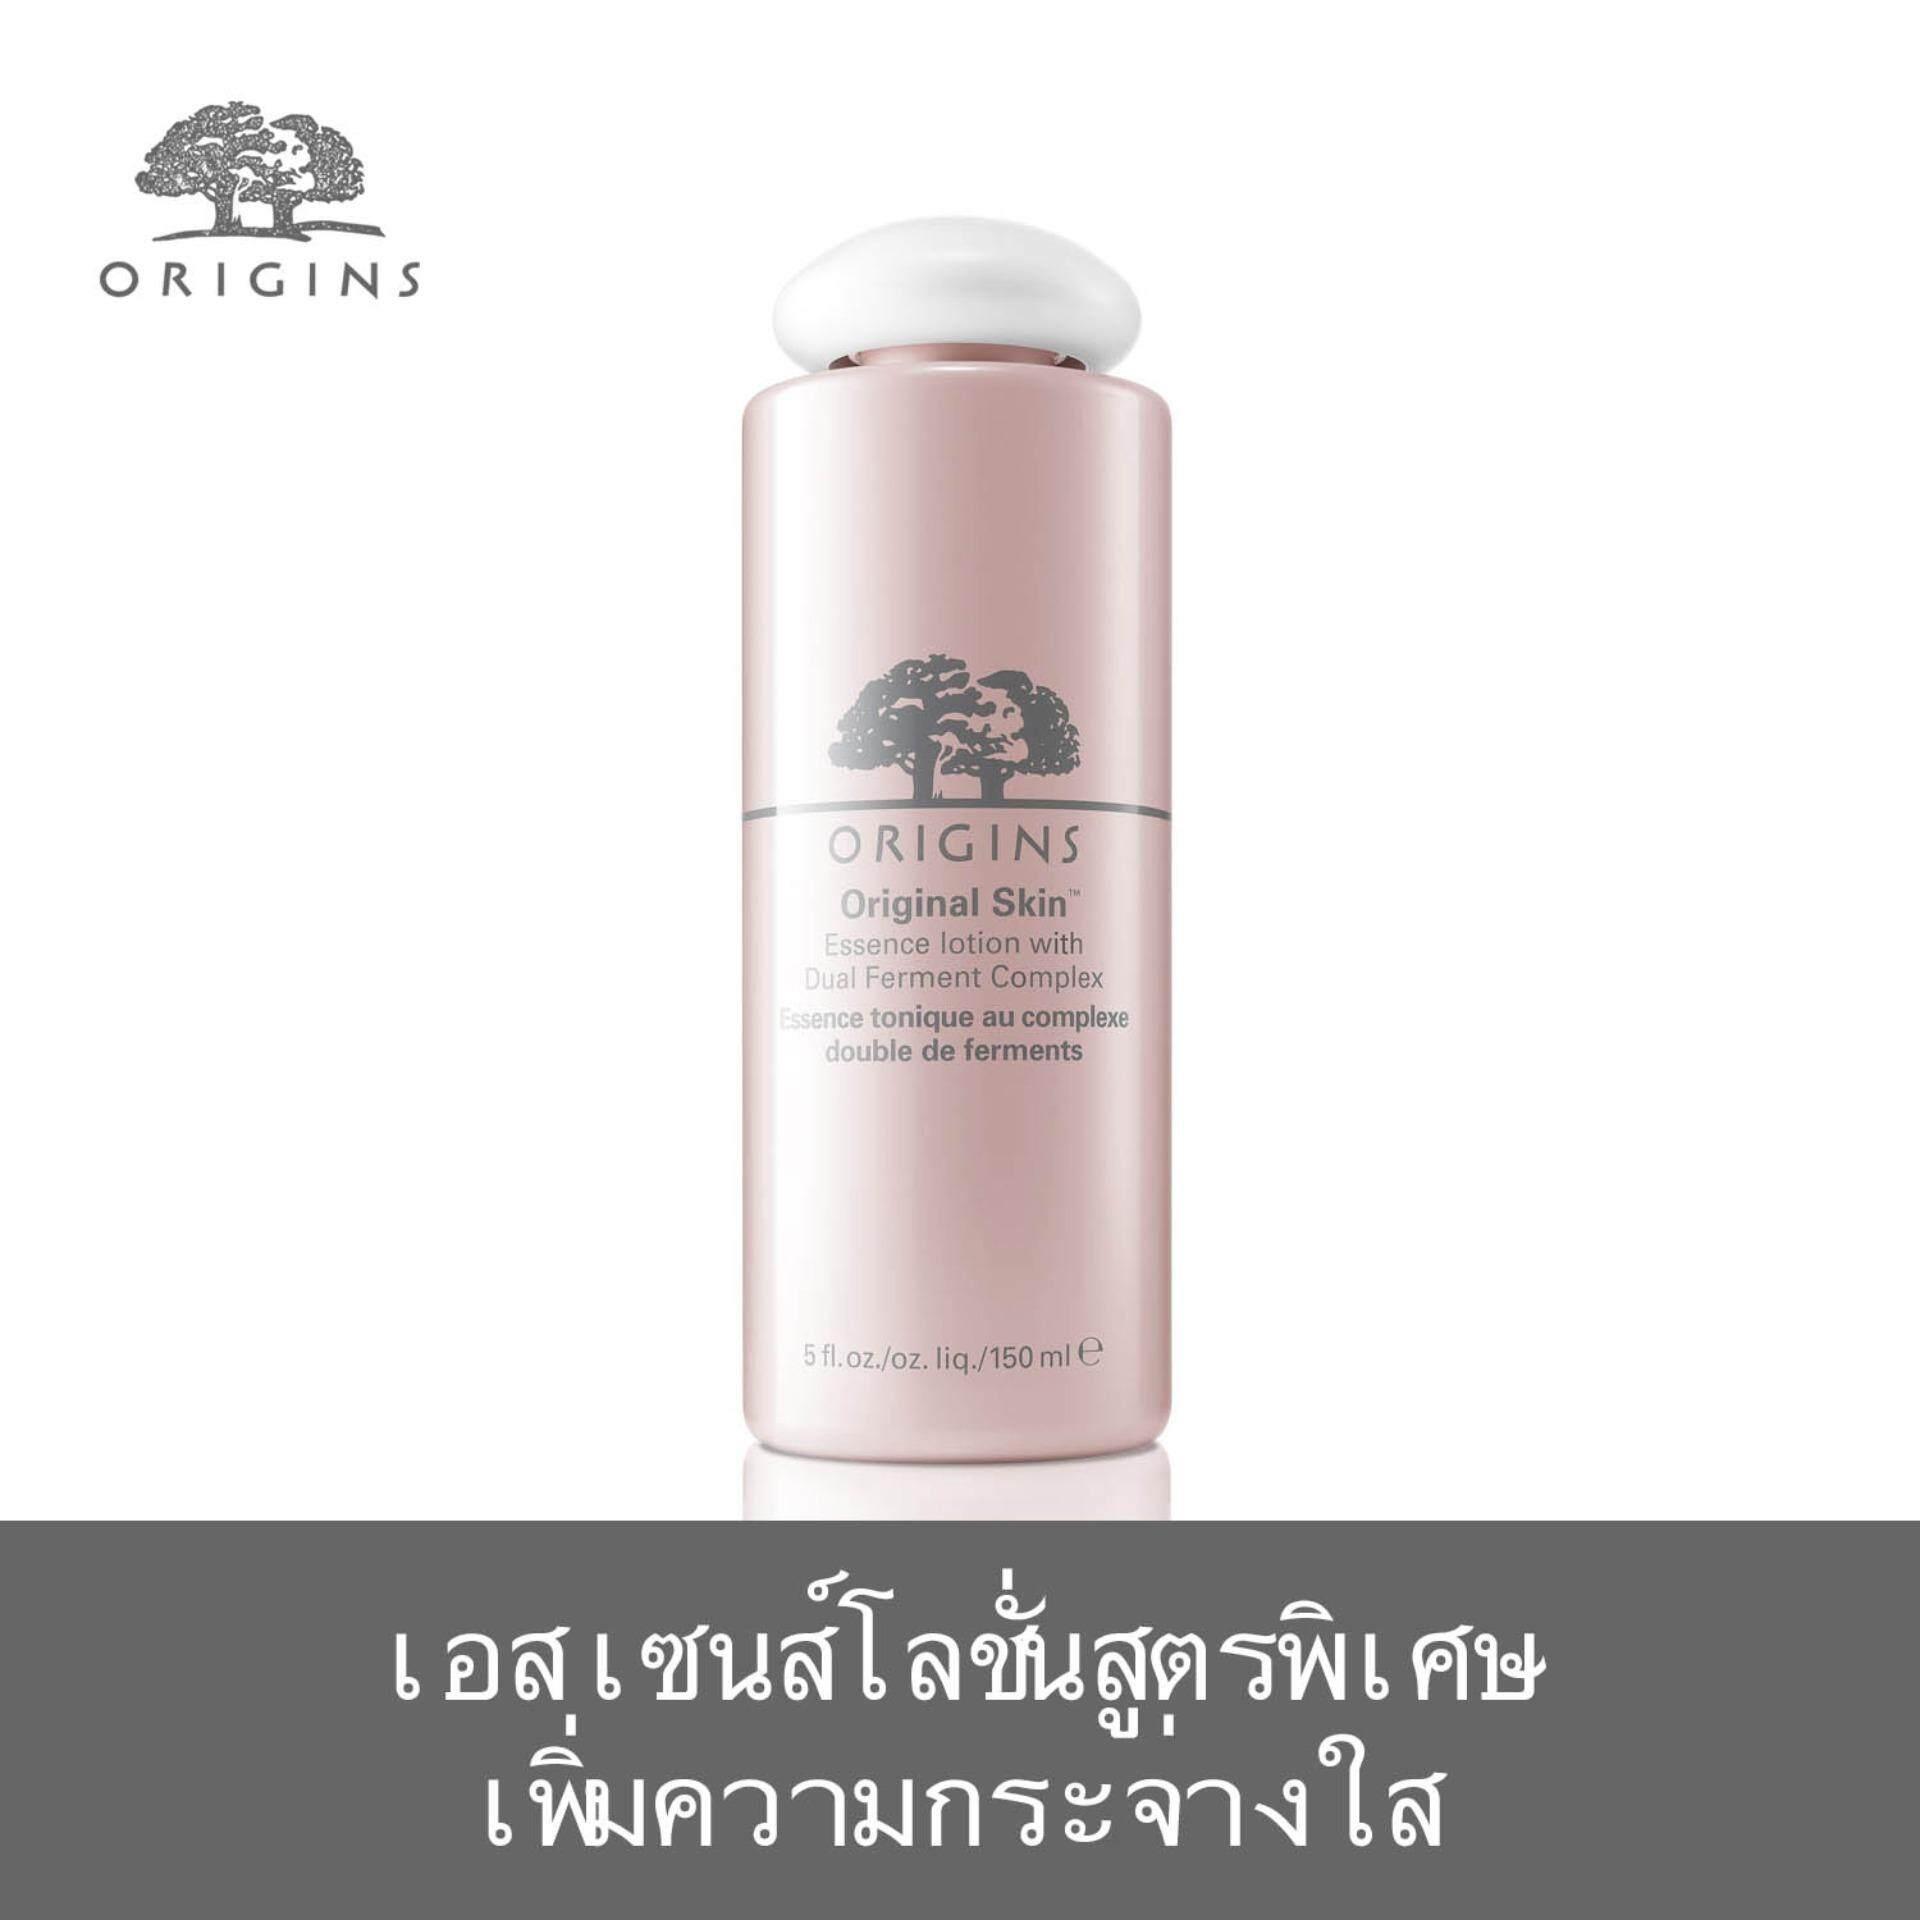 ขาย Origins Original Skin™ Essence Lotion With Dual Ferment Complex 5 Fl Oz 150 Ml ใน สมุทรปราการ